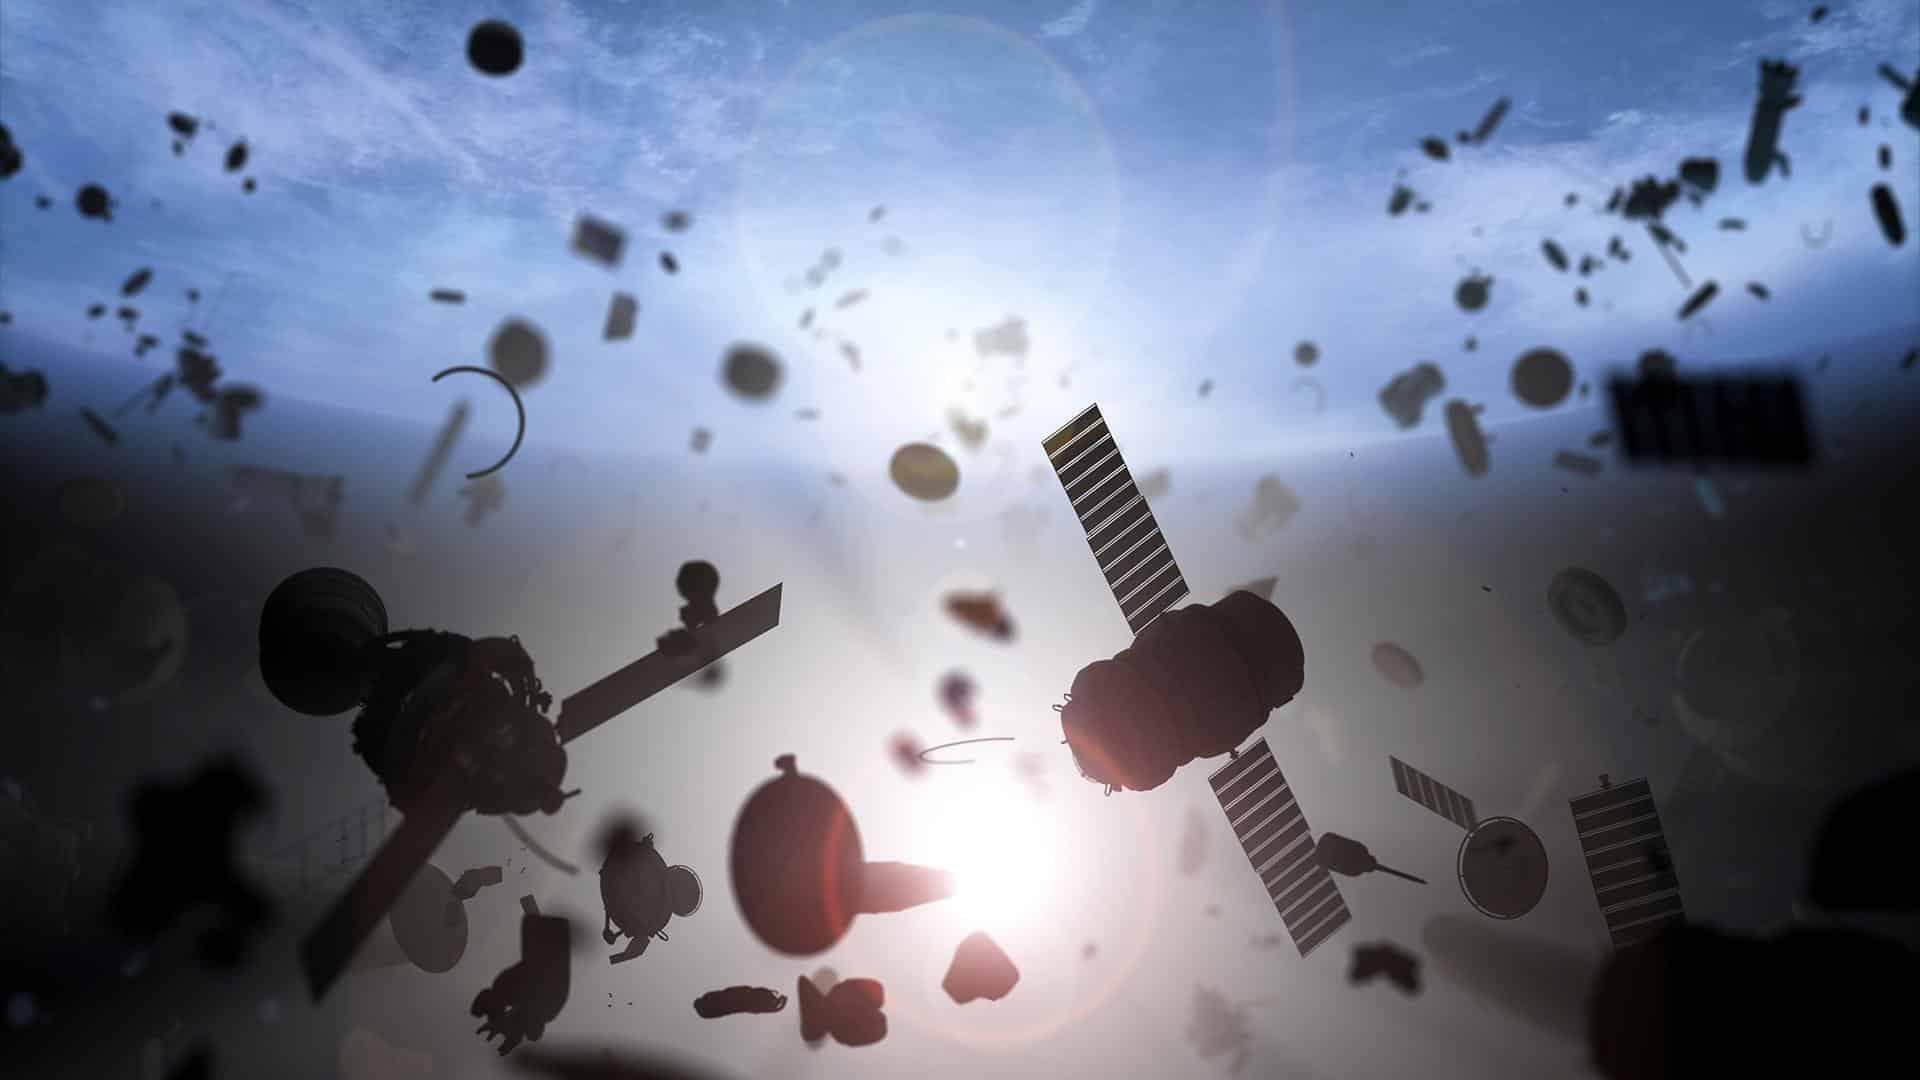 Космический мусор: угроза столкновения с МКС, фото. Происхождение орбитального мусора, чем он угрожает